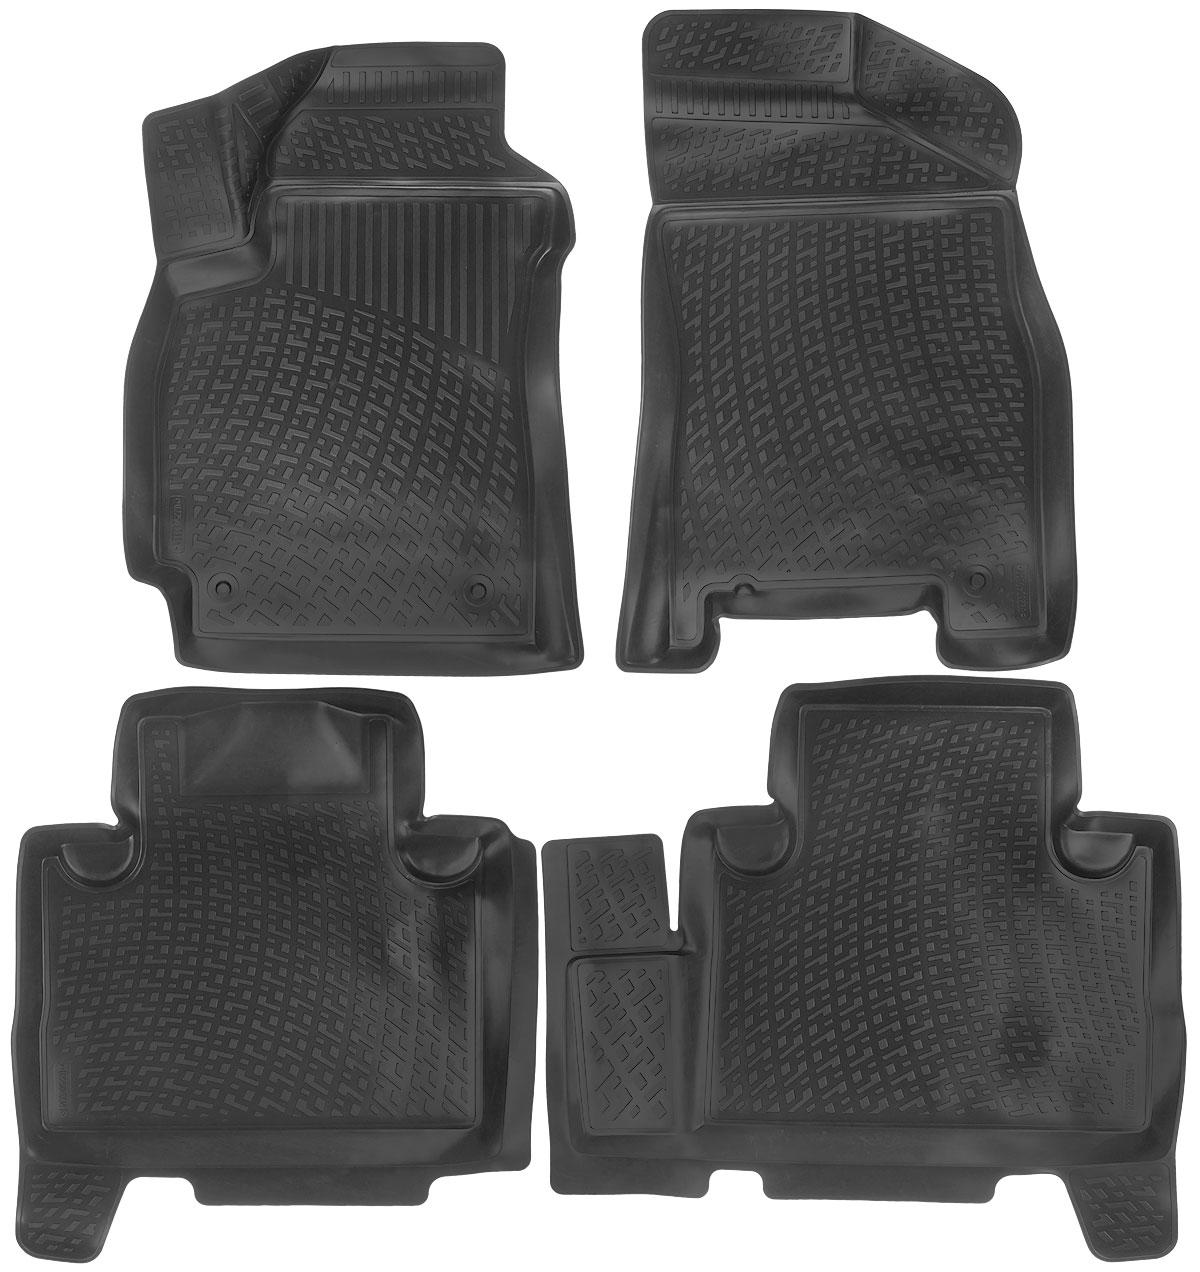 Набор автомобильных ковриков L.Locker Geely Emgrand X7 2011, в салон, 4 шт0225040301Набор L.Locker Geely Emgrand X7 2011, изготовленный из полиуретана, состоит из 4 антискользящих 3D ковриков, которые производятся индивидуально для каждой модели автомобиля. Изделие точно повторяет геометрию пола автомобиля, имеет высокий борт, обладает повышенной износоустойчивостью, лишено резкого запаха и сохраняет свои потребительские свойства в широком диапазоне температур от -50°С до +50°С. Комплектация: 4 шт.Размер ковриков: 78 см х 54 см; 70 см х 64 см; 80 см х 70 см; 82 см х 54 см.